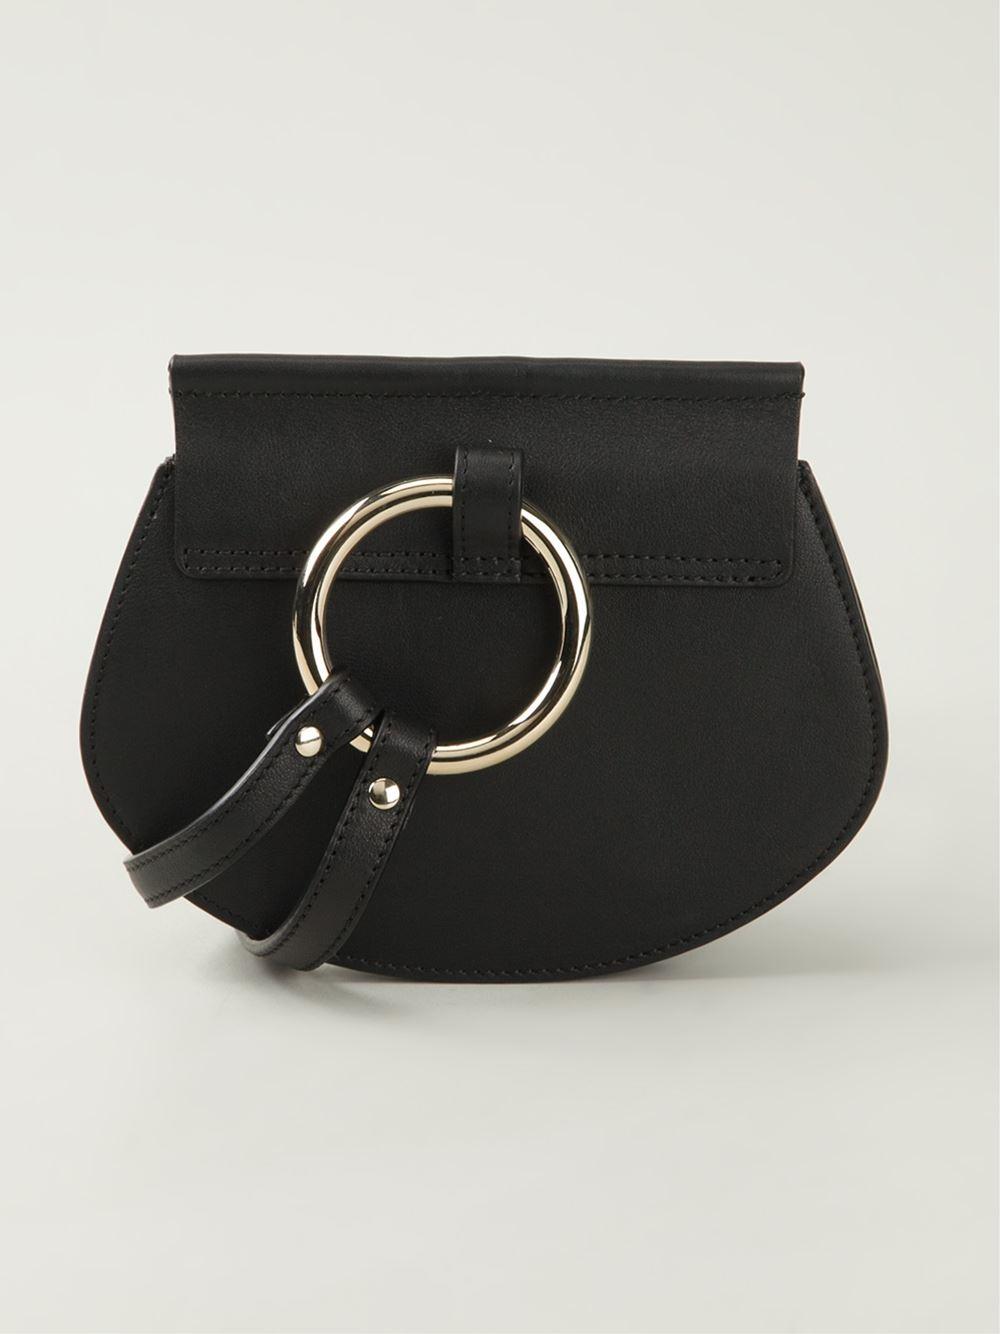 chole bag - chloe mini faye crossbody bag, cloe purse